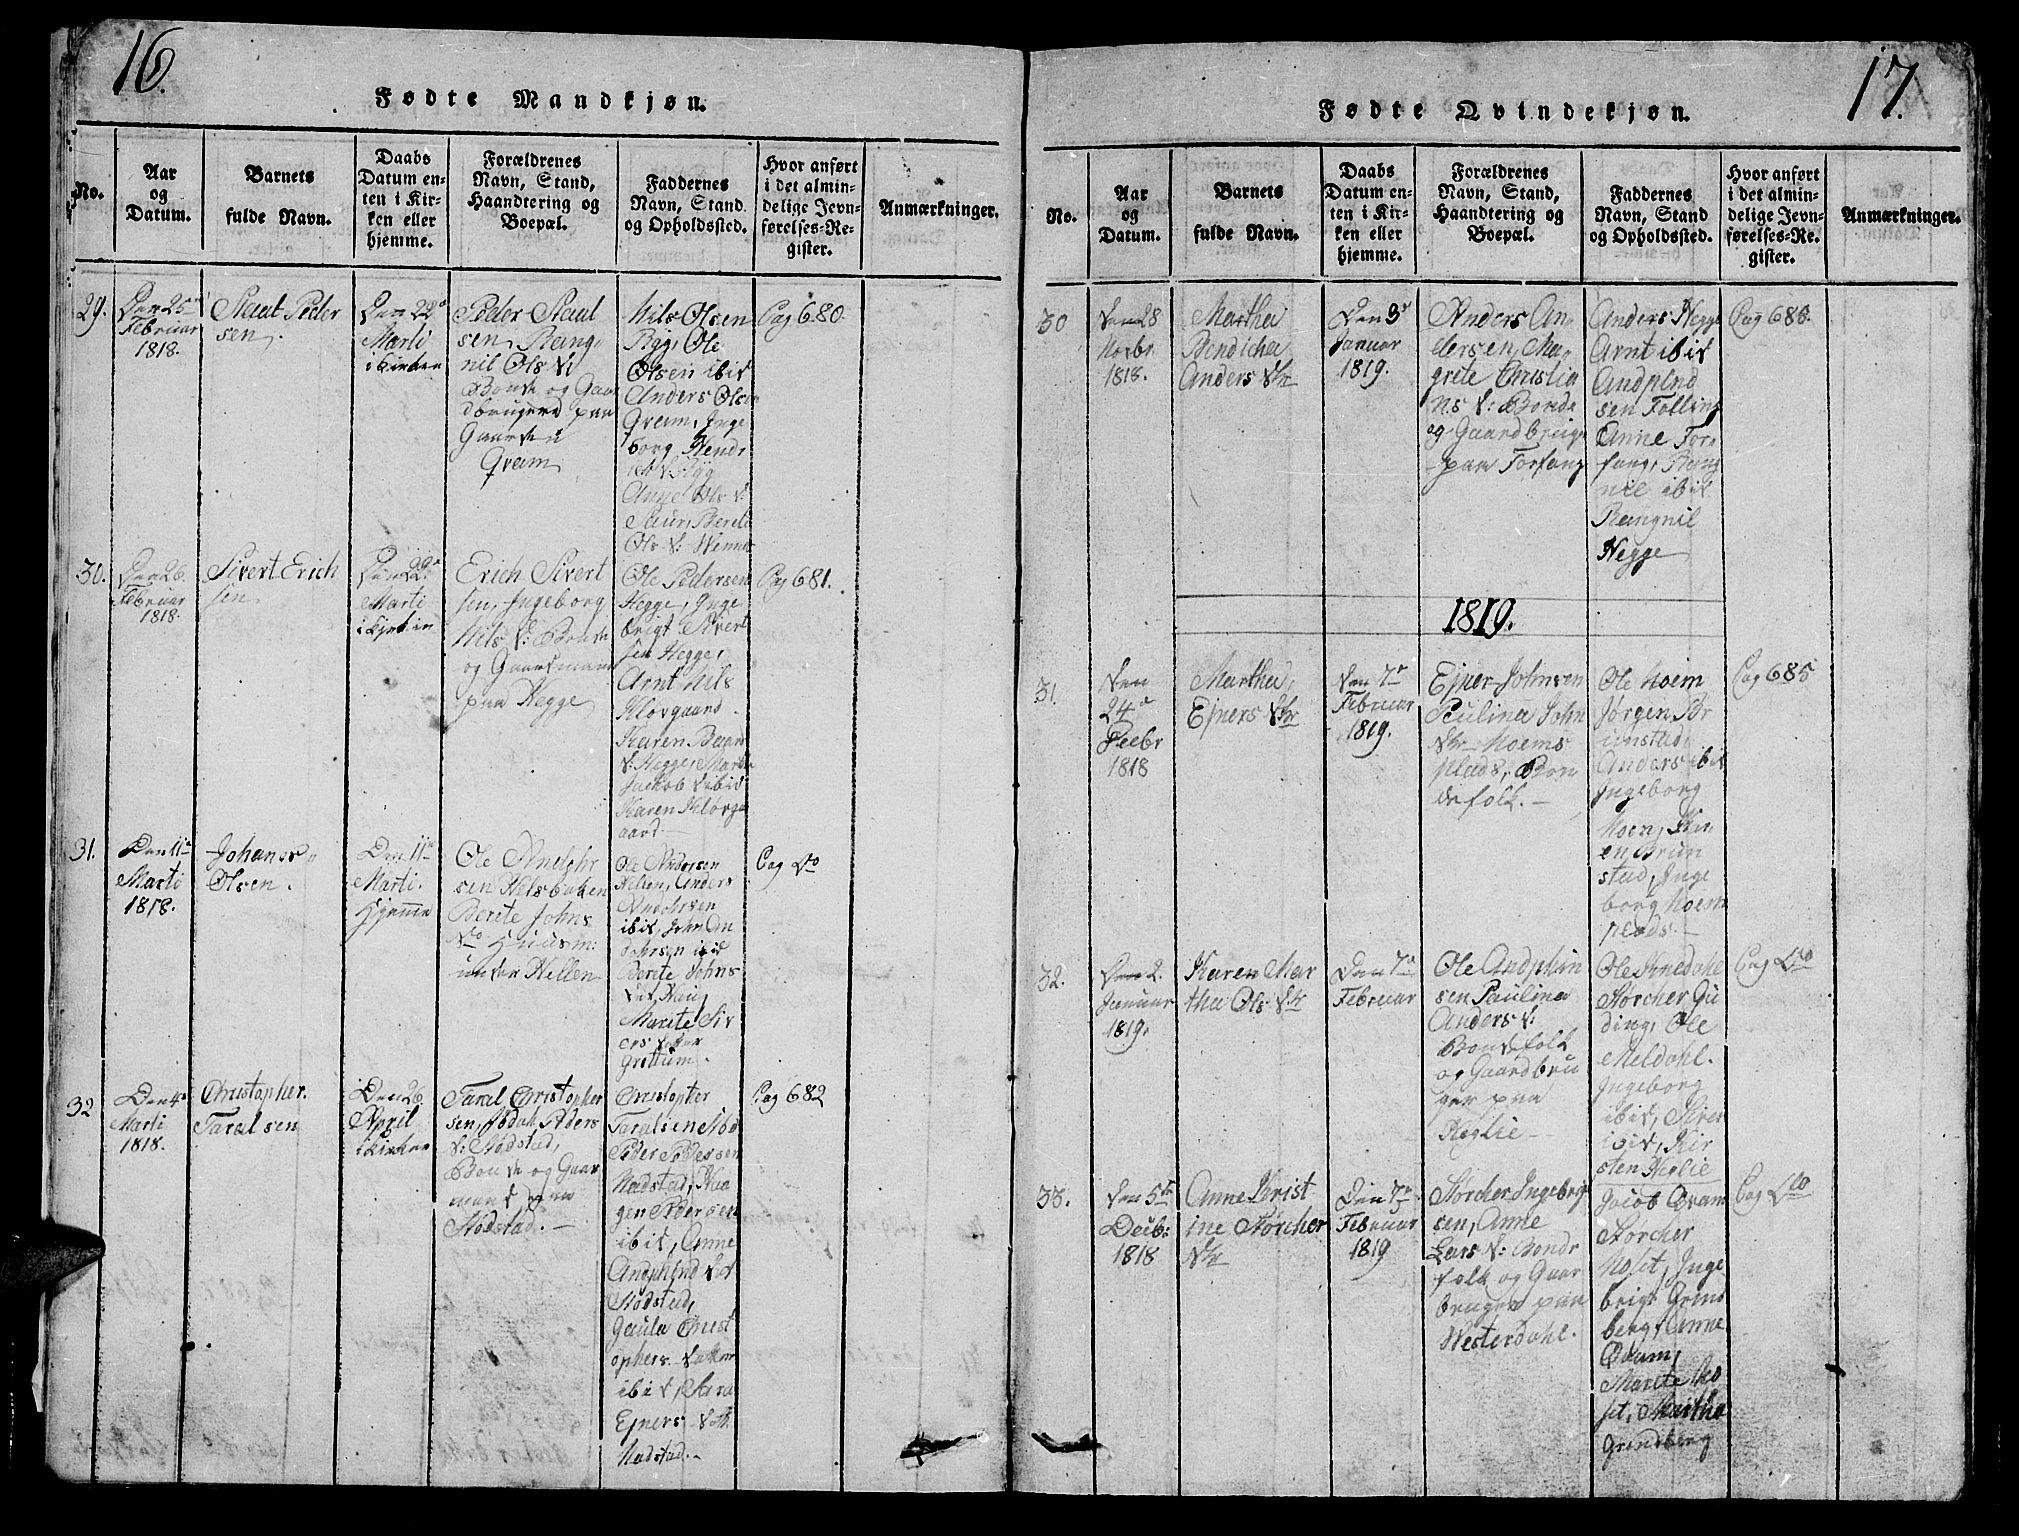 SAT, Ministerialprotokoller, klokkerbøker og fødselsregistre - Nord-Trøndelag, 747/L0459: Klokkerbok nr. 747C01, 1816-1842, s. 16-17